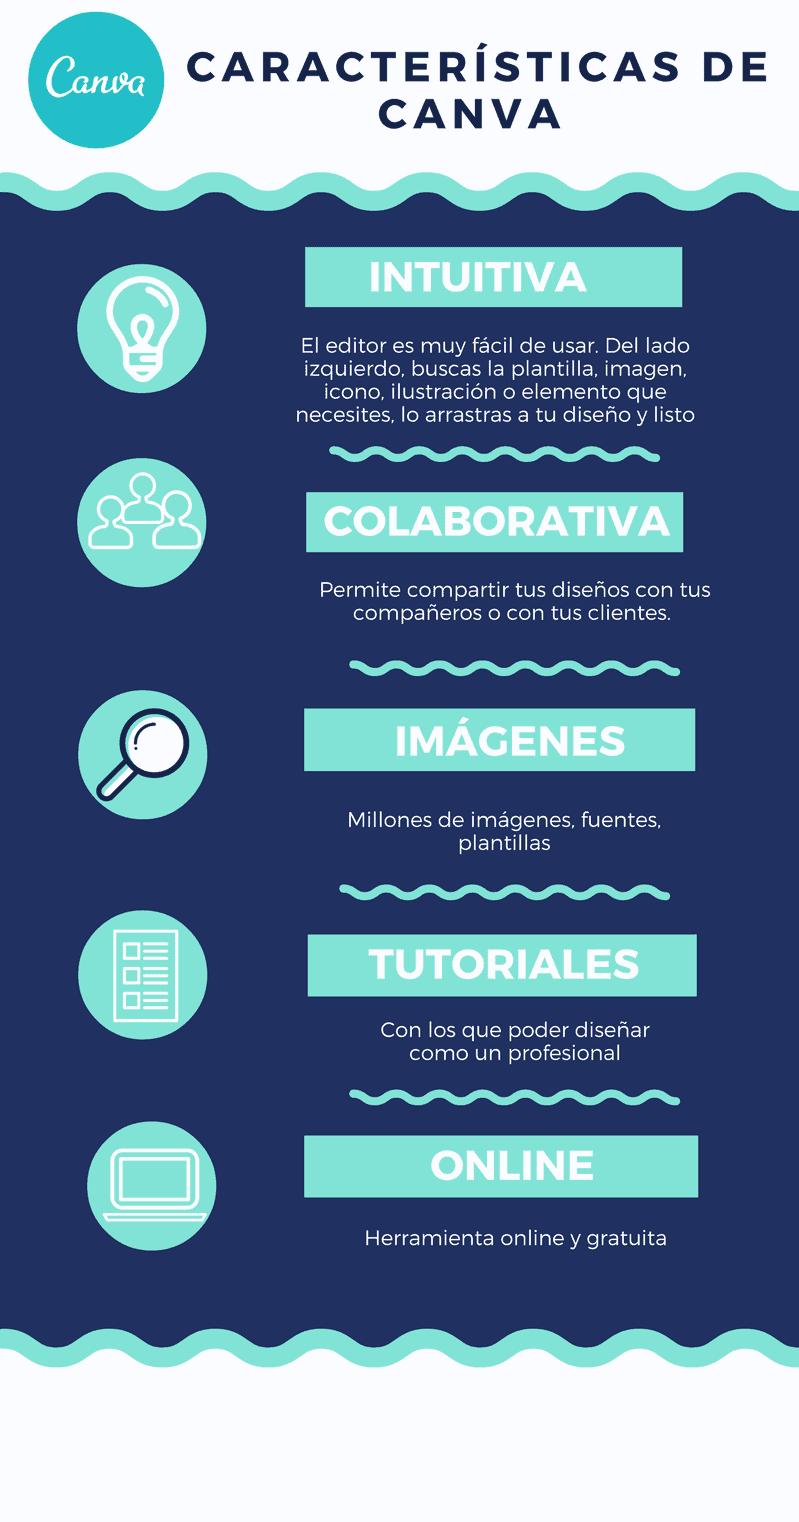 infografía sobre canva